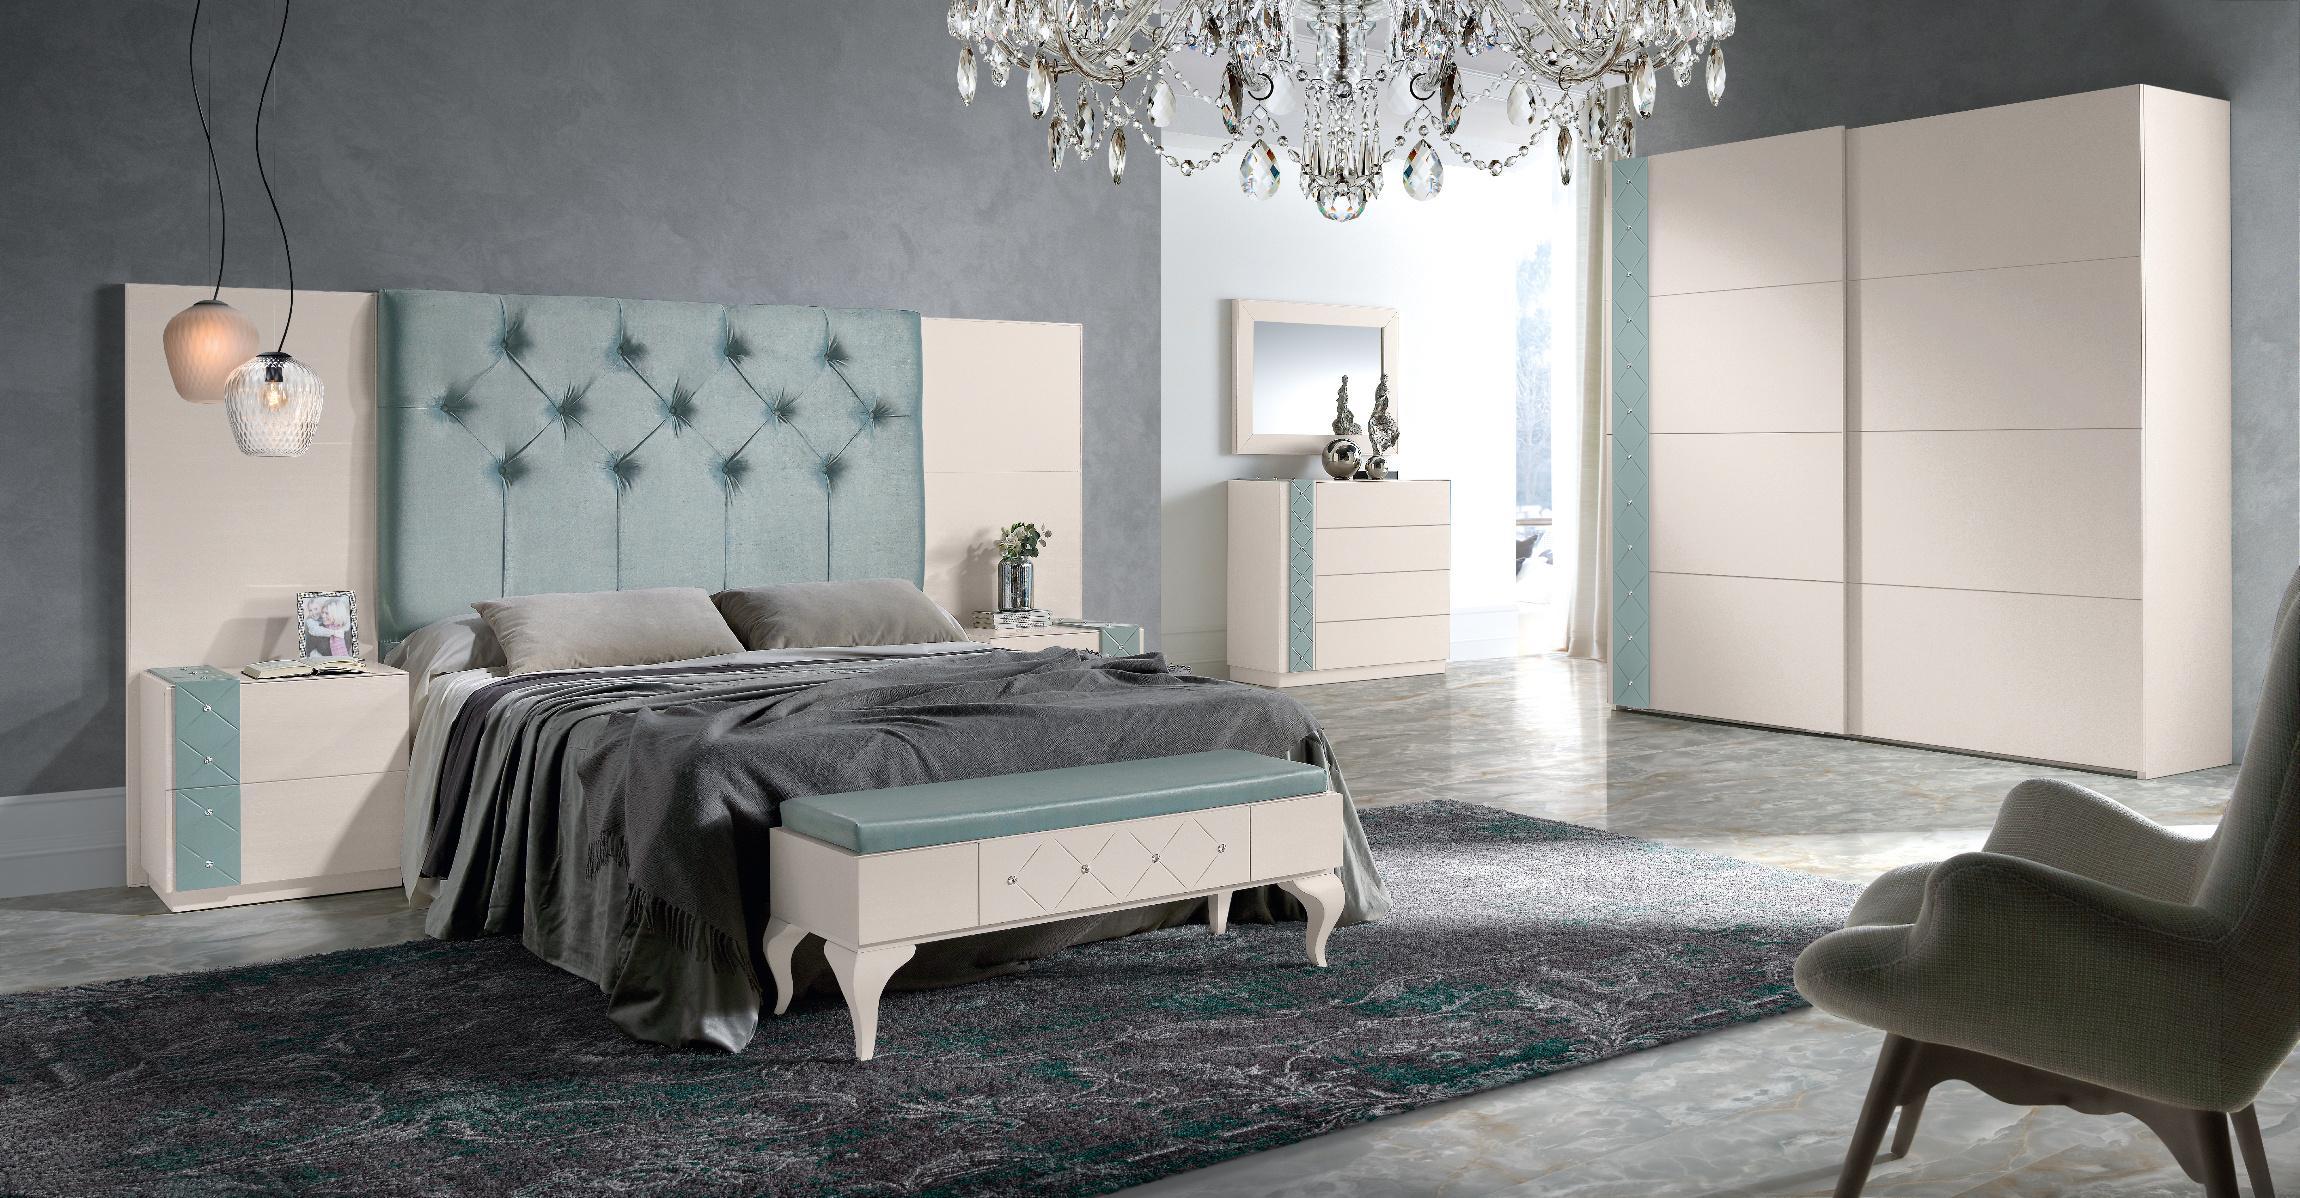 Tiendas de muebles jaen simple muebles de cocina segunda for Muebles boom martorell